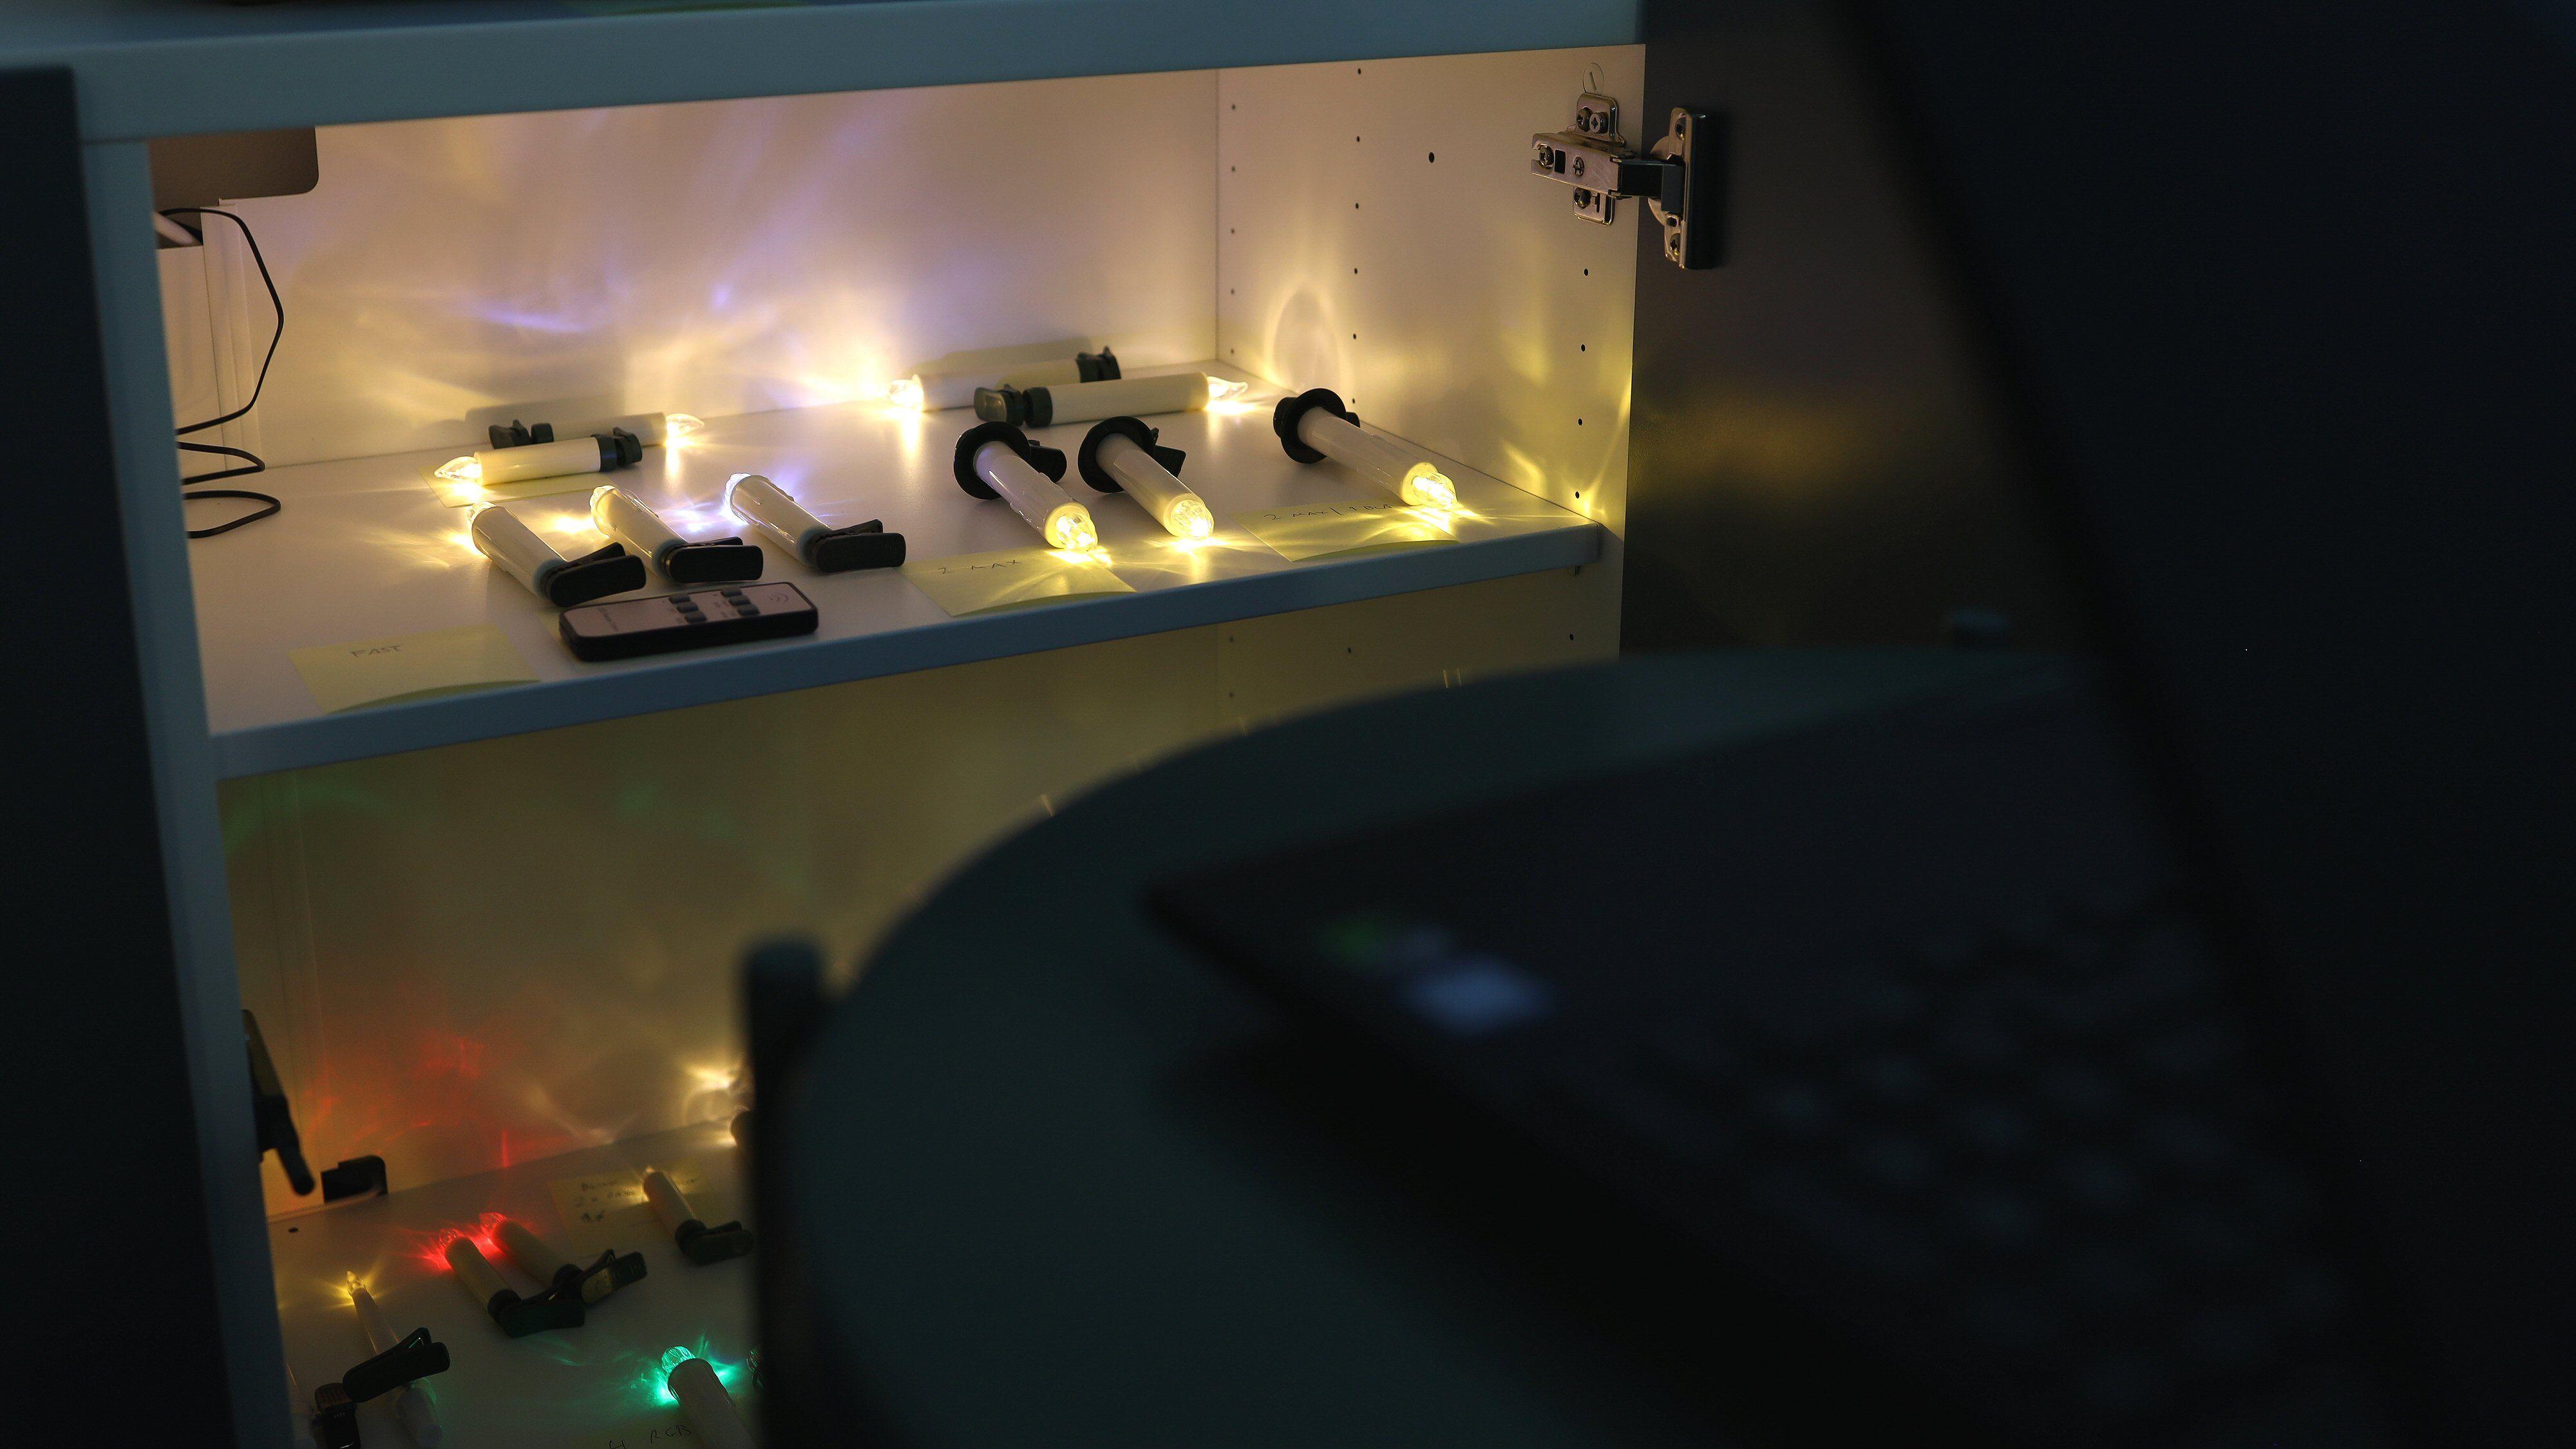 Sakte-TV à la Tek: For å kunne «kikke innom» lysene med mer eller mindre jevne mellomrom, har vi satt opp en bærbar PC som strømmer det hele ut på en Twitch-kanal. Juletrelys minutt for minutt, altså.